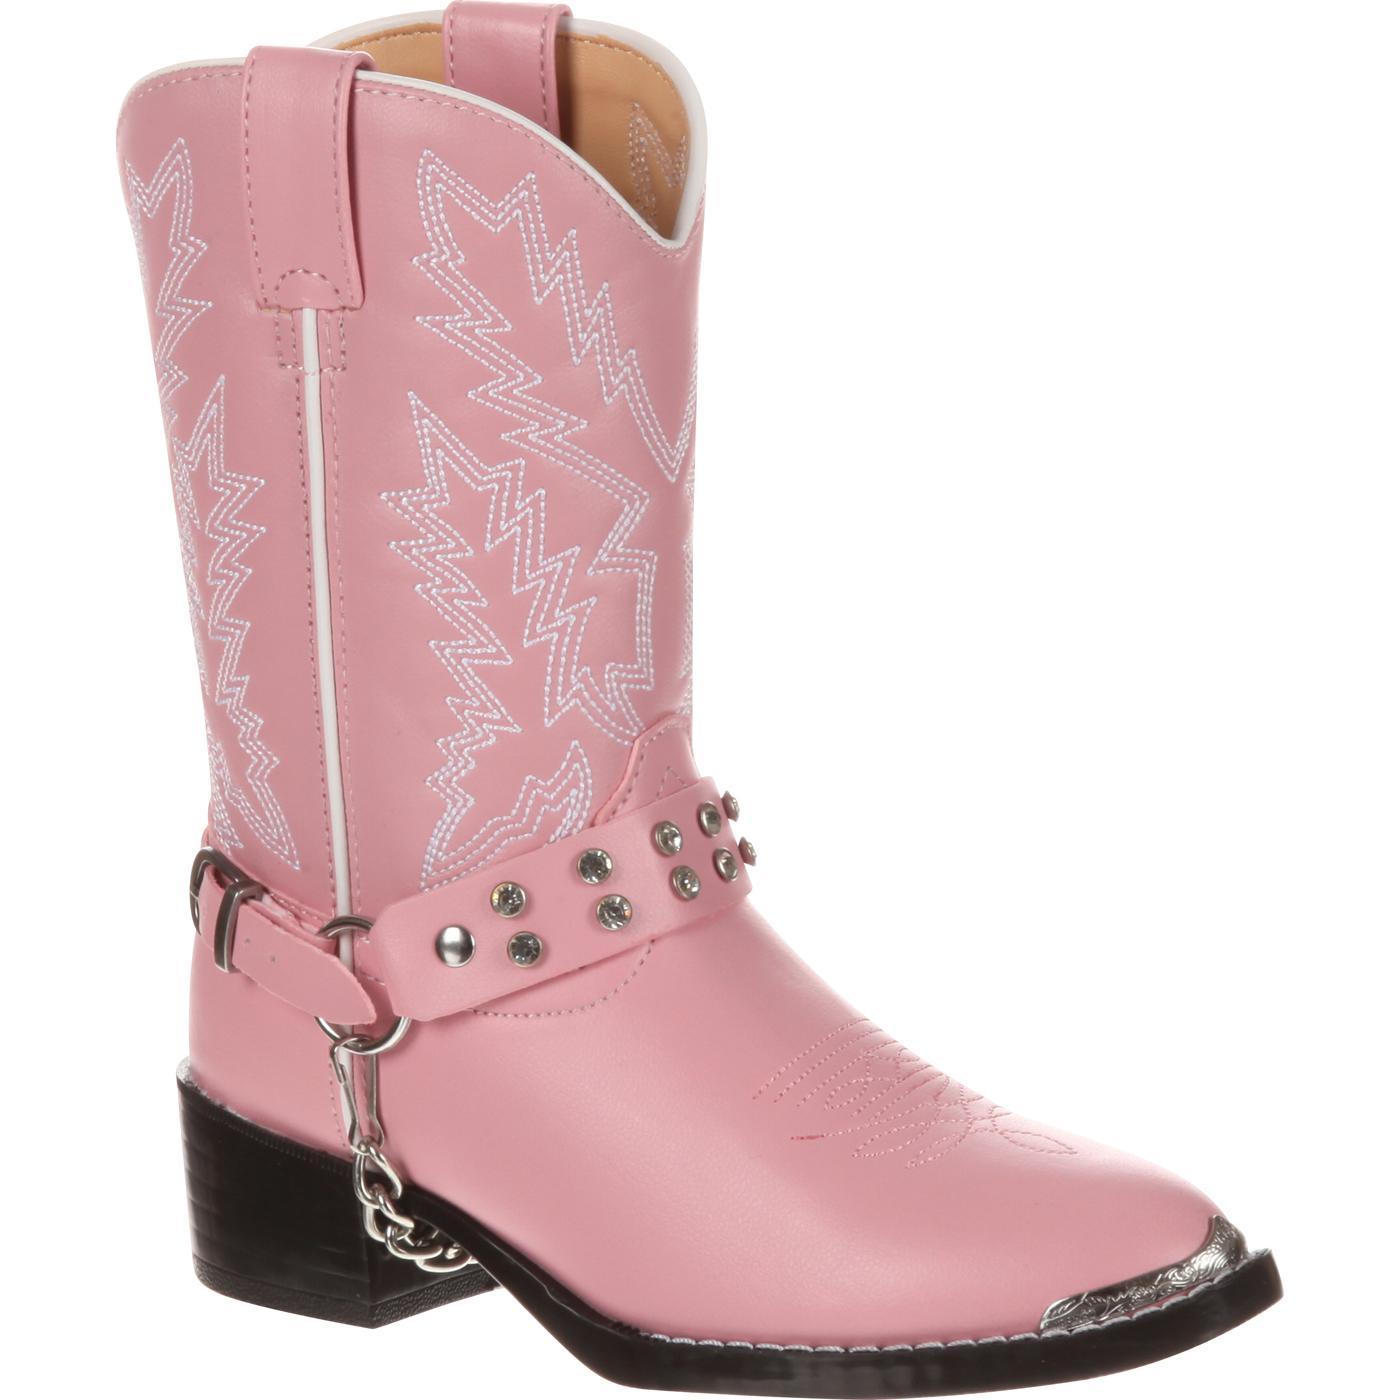 aafed44fff Botas vaqueras Durango para niños rosadas con imitación de diamantes  Durango Little Kid. Style  BT668.  59.99. Bota vaquera Justin Gypsy juvenil  sin ...